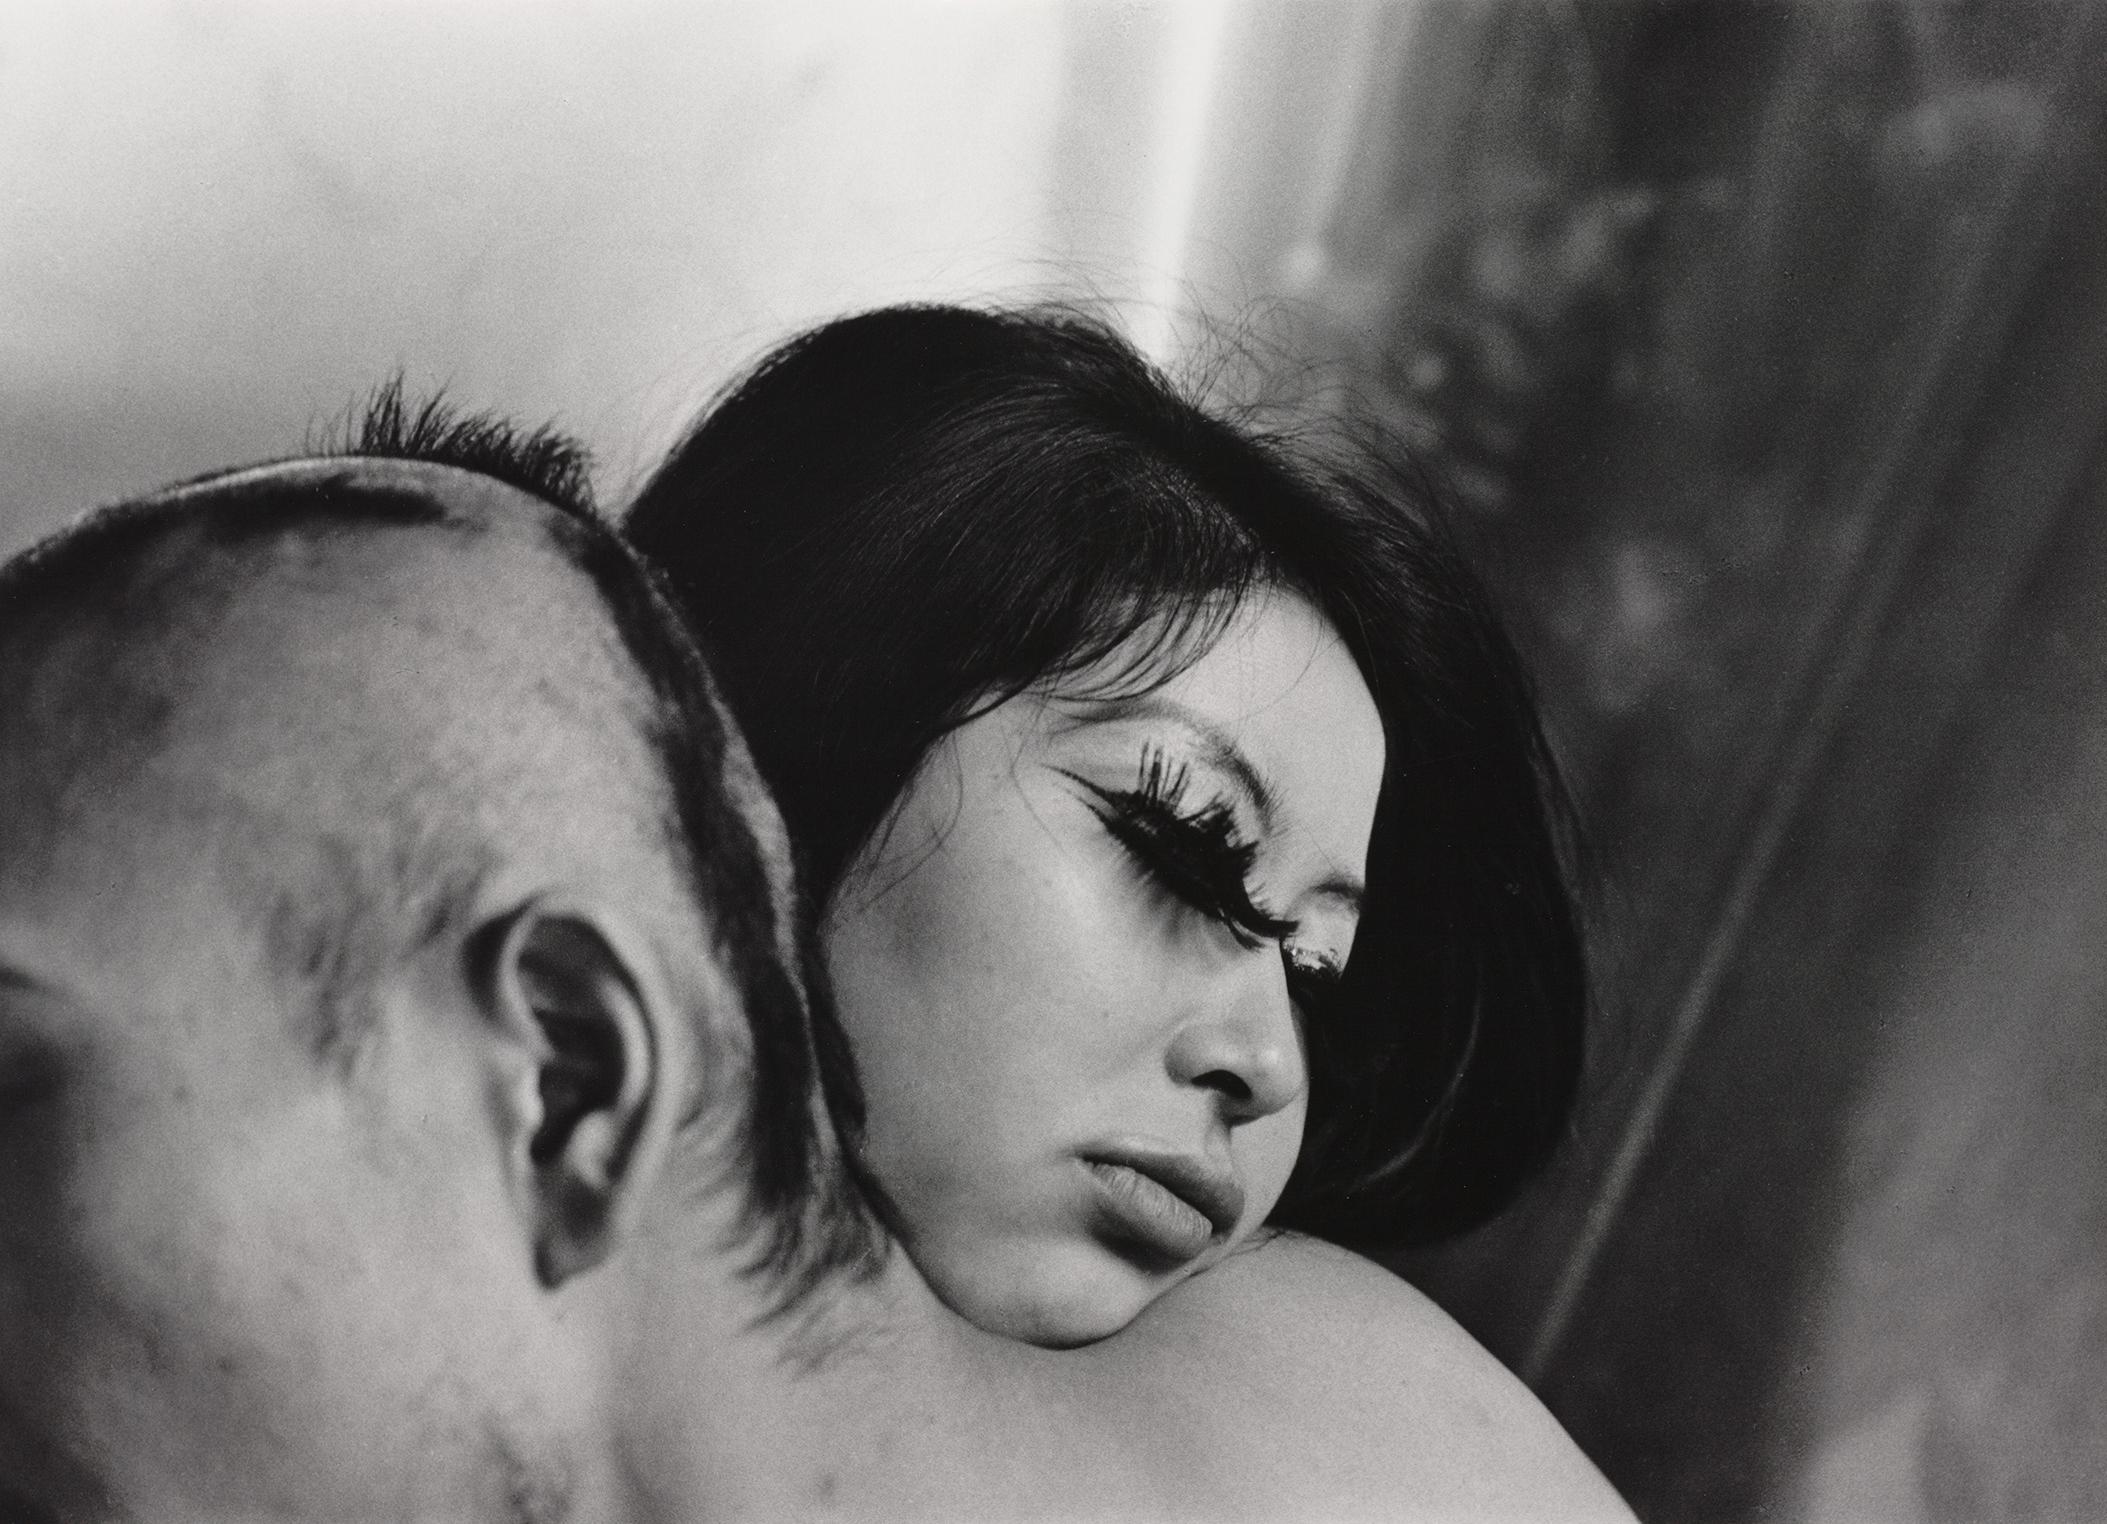 Shōmei Tōmatsu, Blood and Rose, Tokyo, 1969, Albertina, Wien – Dauerleihgabe der Österreichischen Ludwig-Stiftung für Kunst und Wissenschaft © Shōmei Tōmatsu Estate, courtesy | PRISKA PASQUER, Köln.